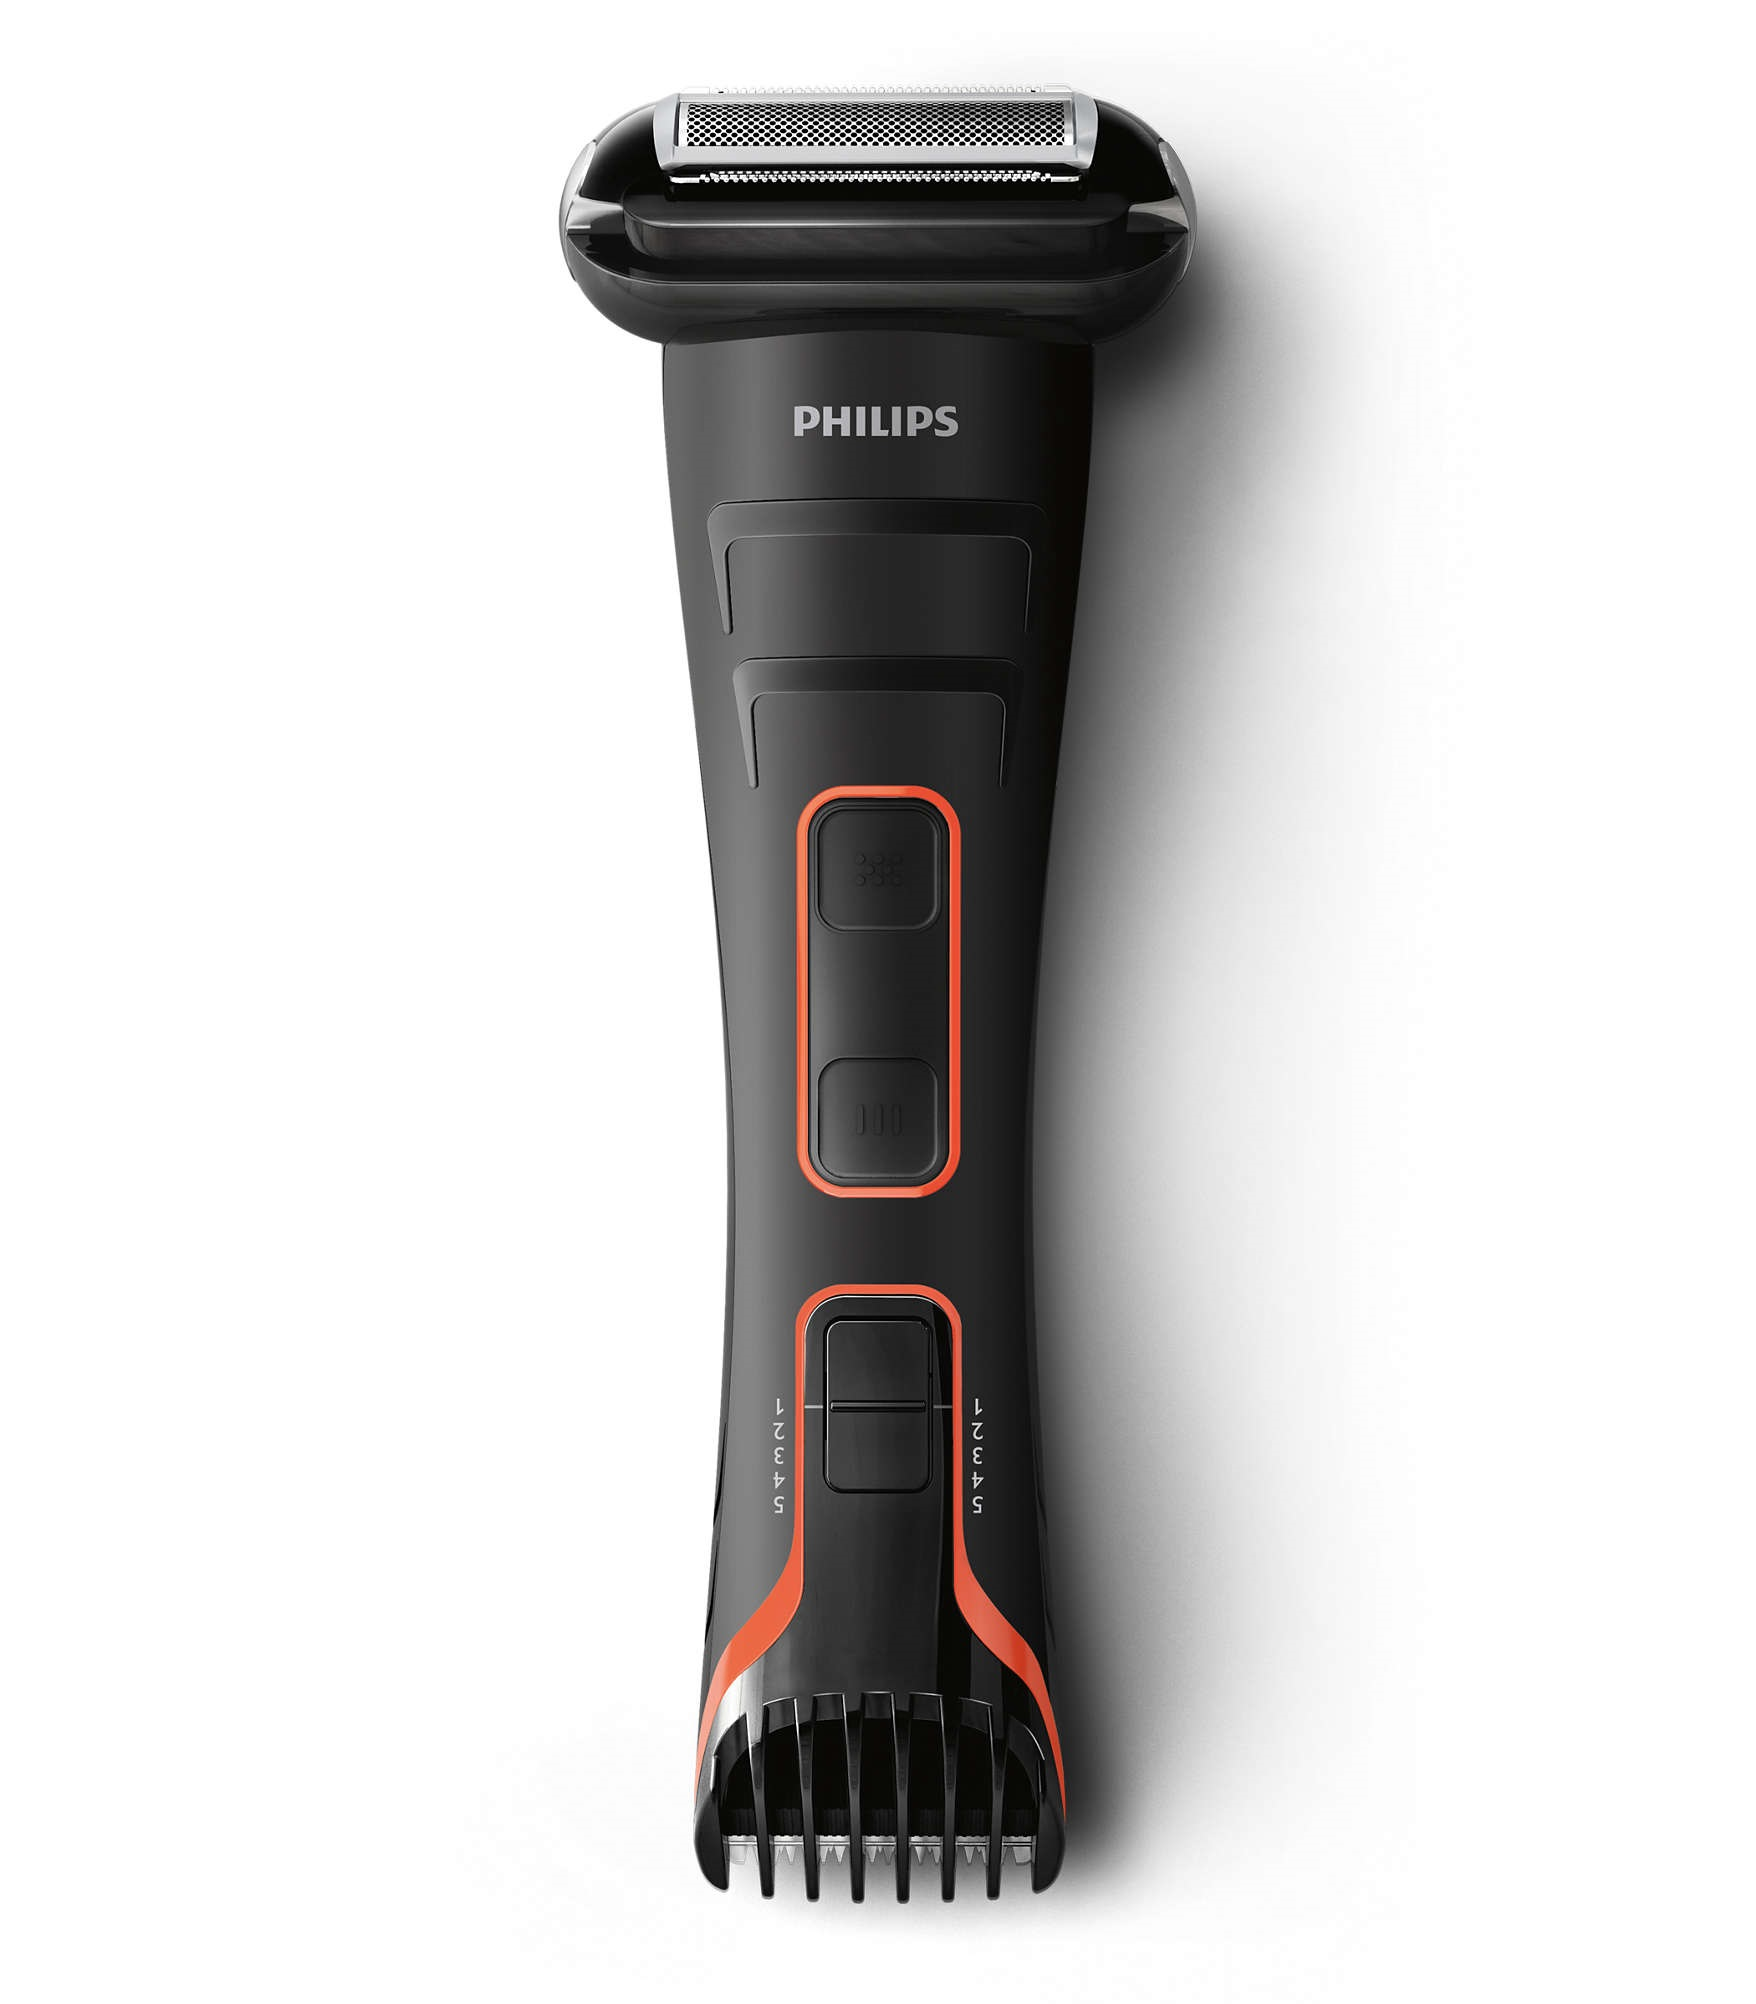 מודרניסטית מכונת גילוח לגוף לגבר פיליפס Philips TT2039 | סידור לקיצוץ ועיצוב KI-89